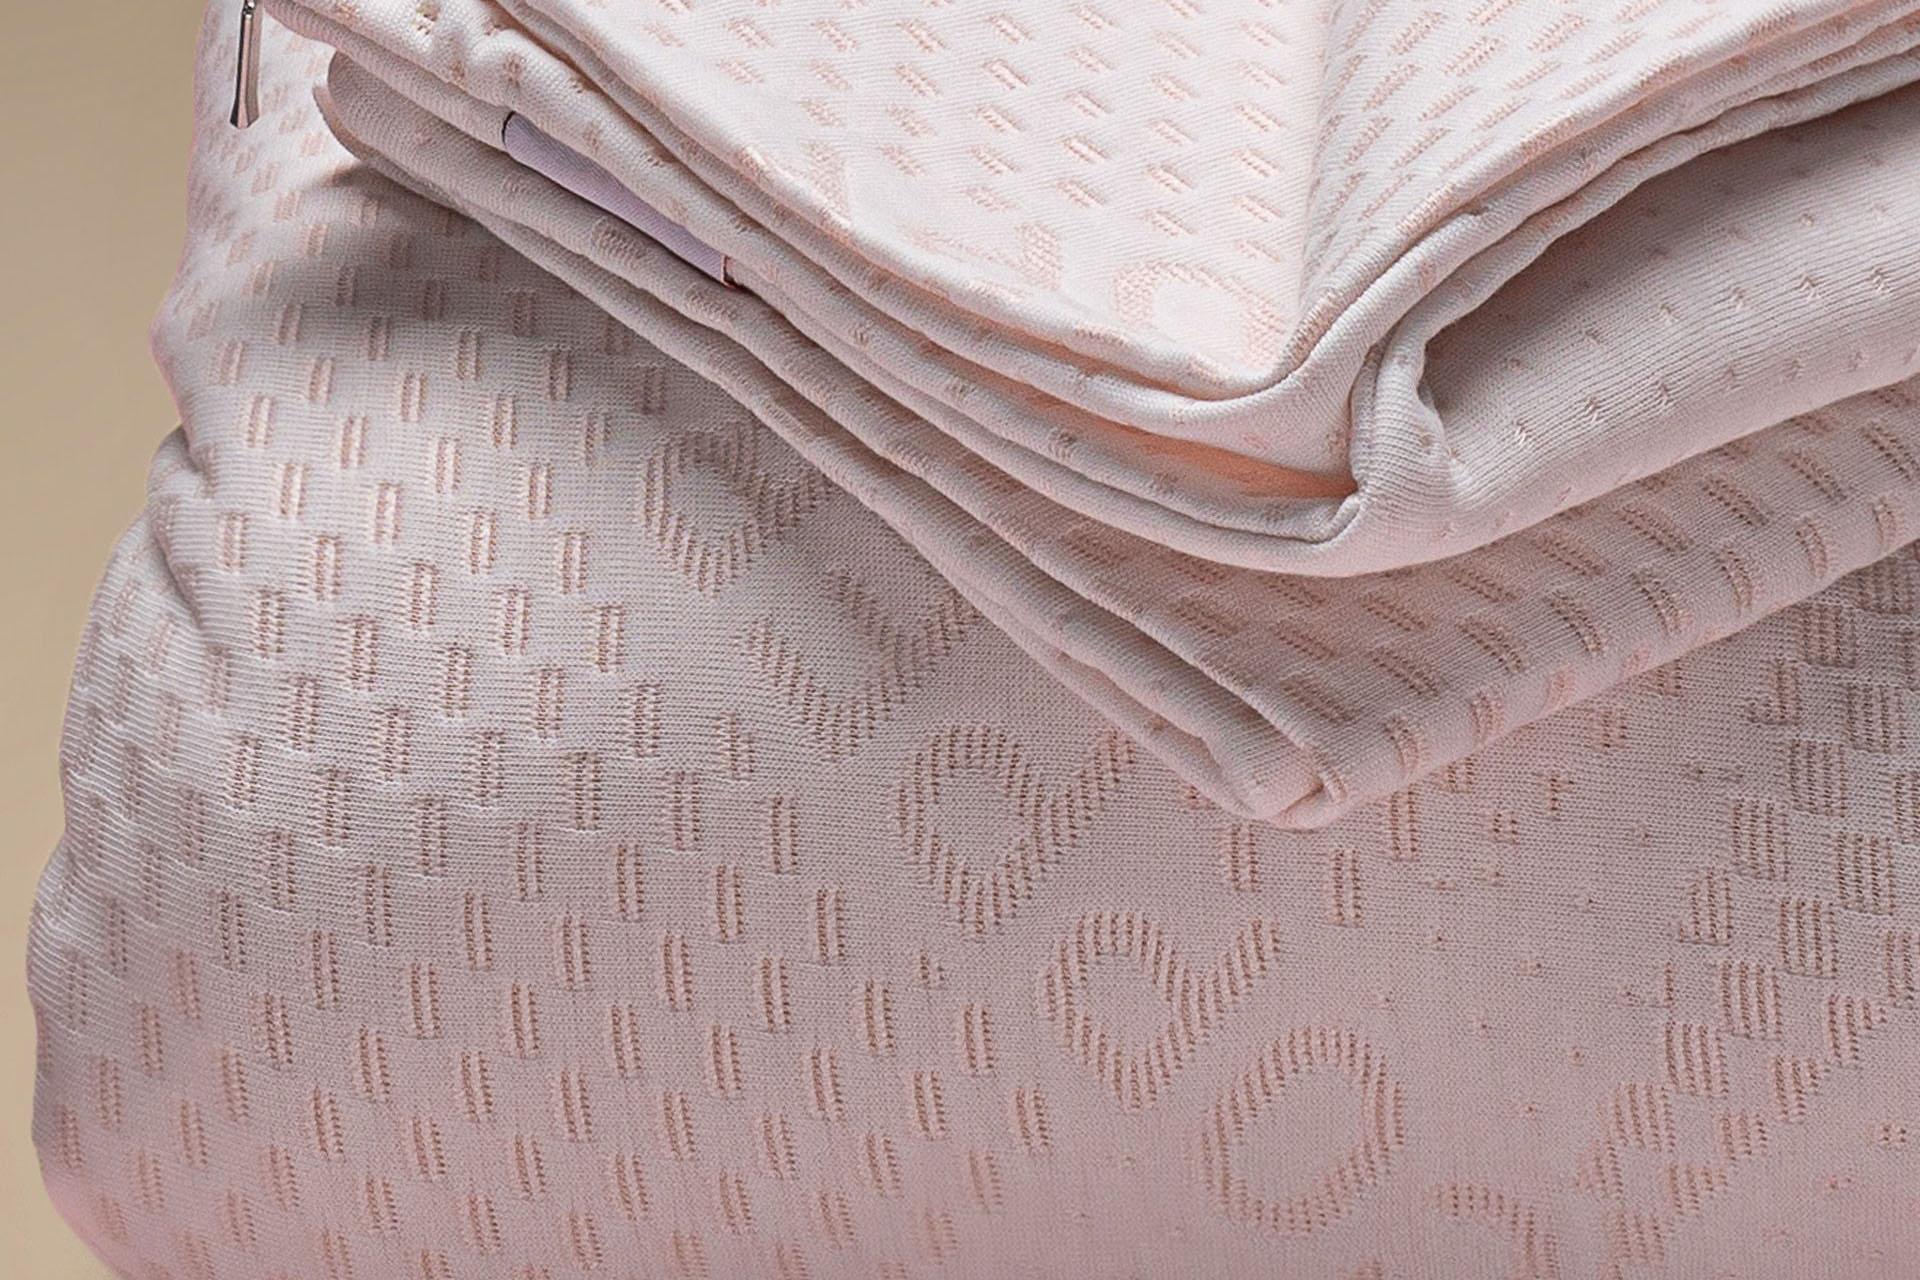 copricuscino coprimaterasso a maglia semi imbottito copper a cappuccio dettaglio